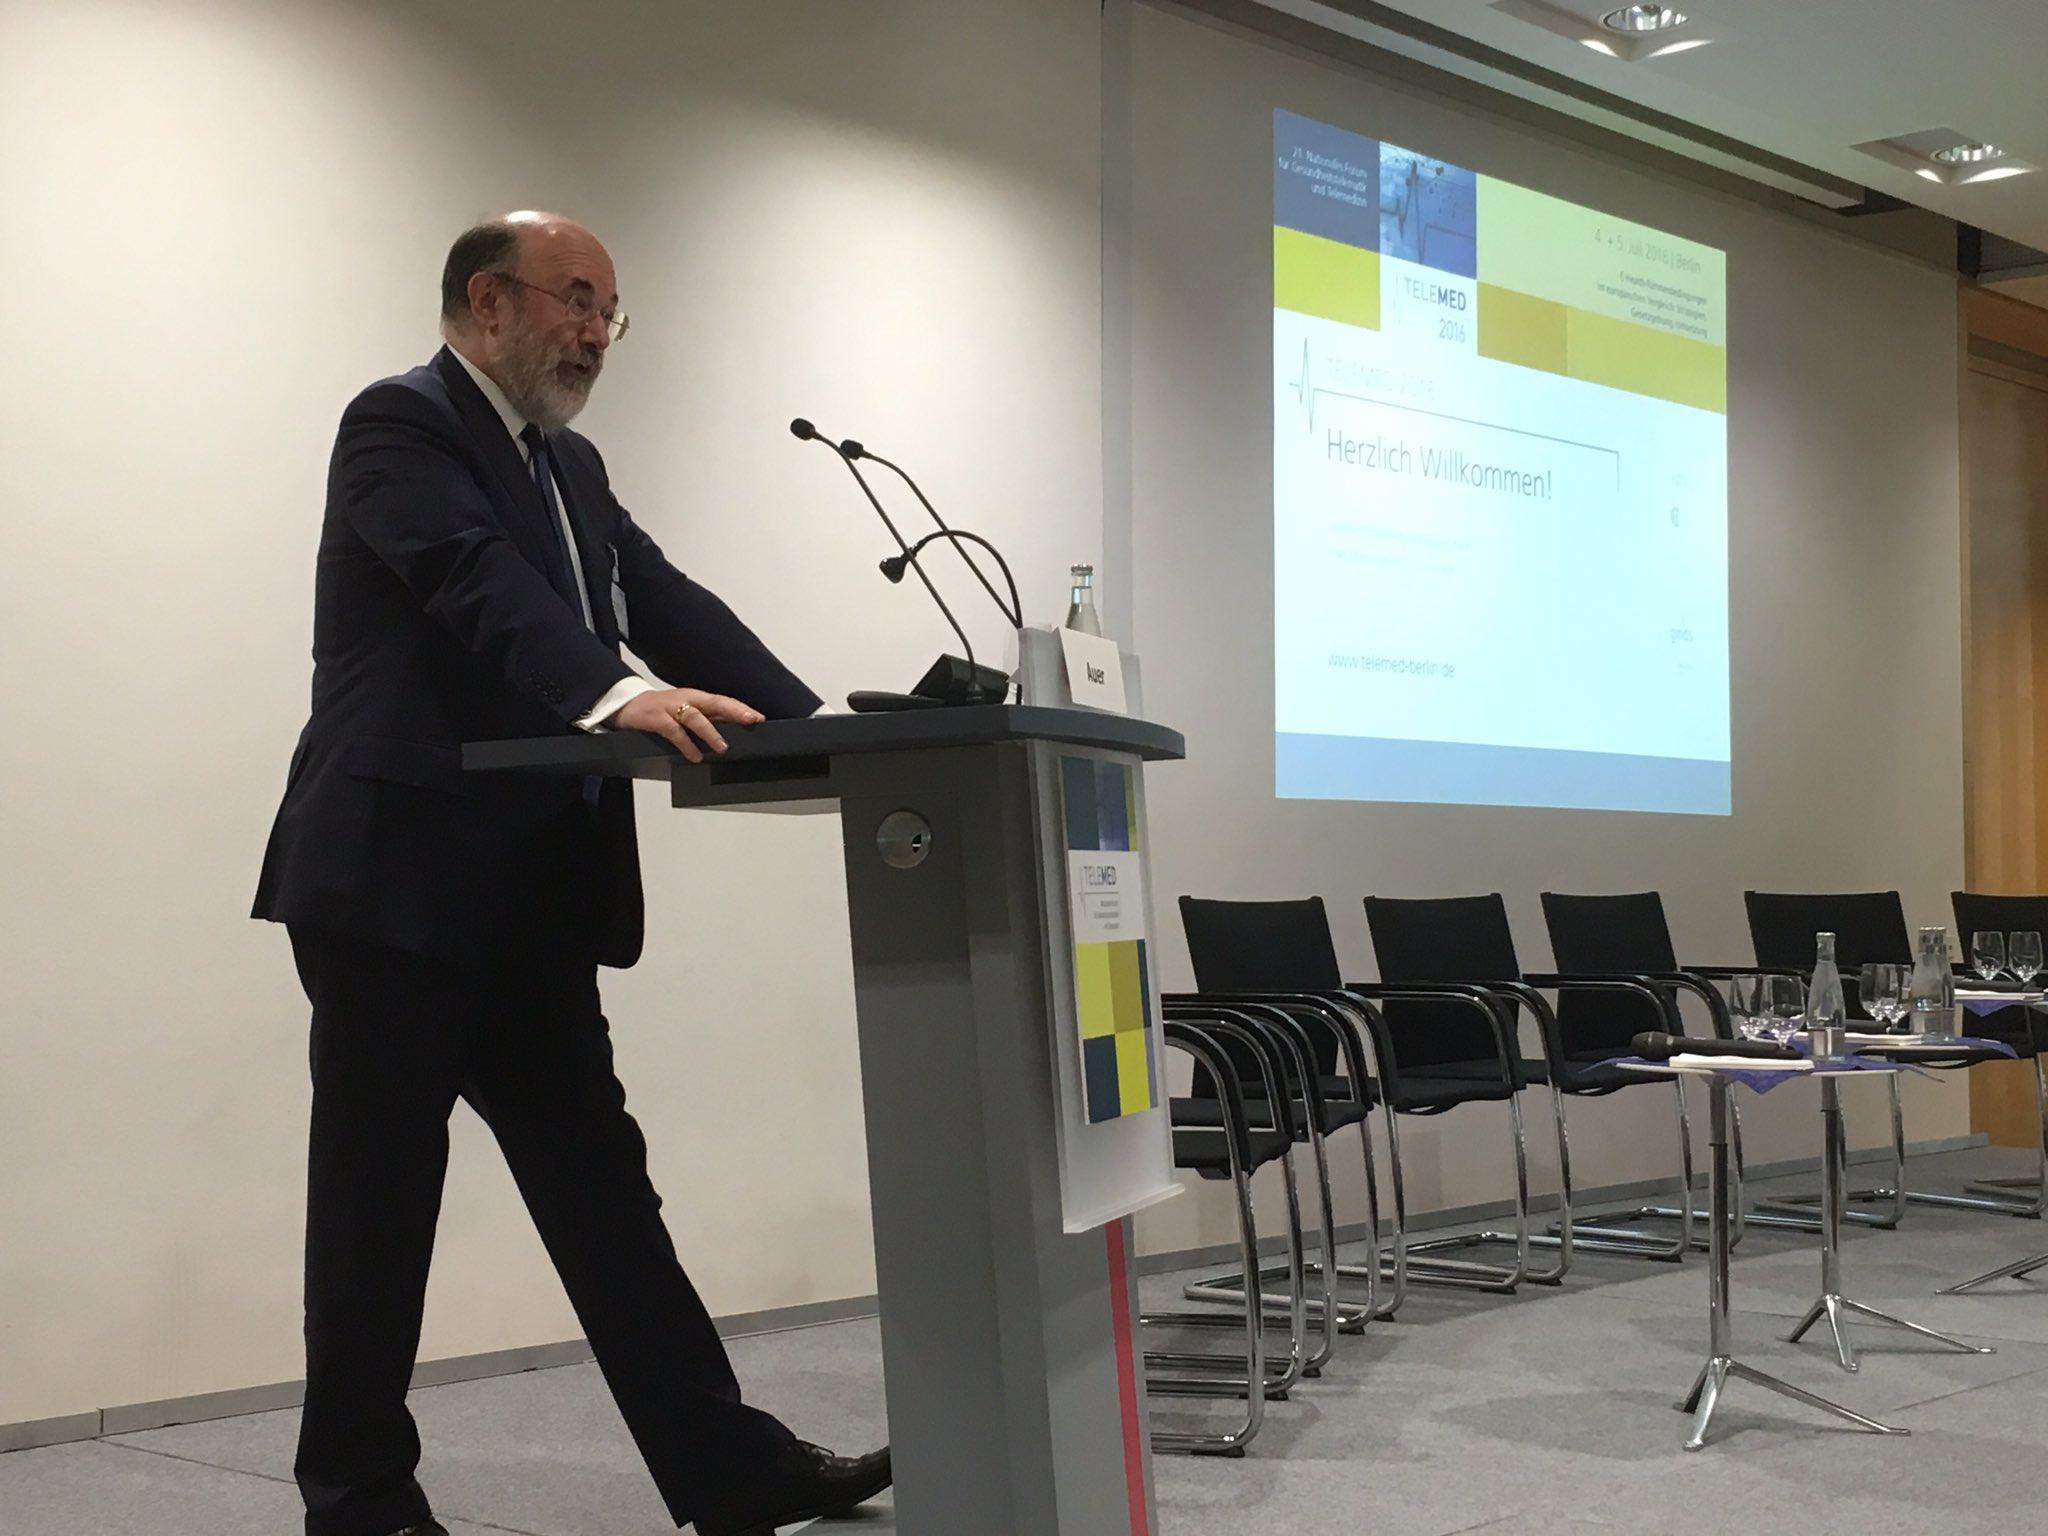 Auer (AUT) zu E-Health Strategie  in Europa, auch in schwierigen europ. Zeiten #telemed16 https://t.co/gE8Aj8viRB